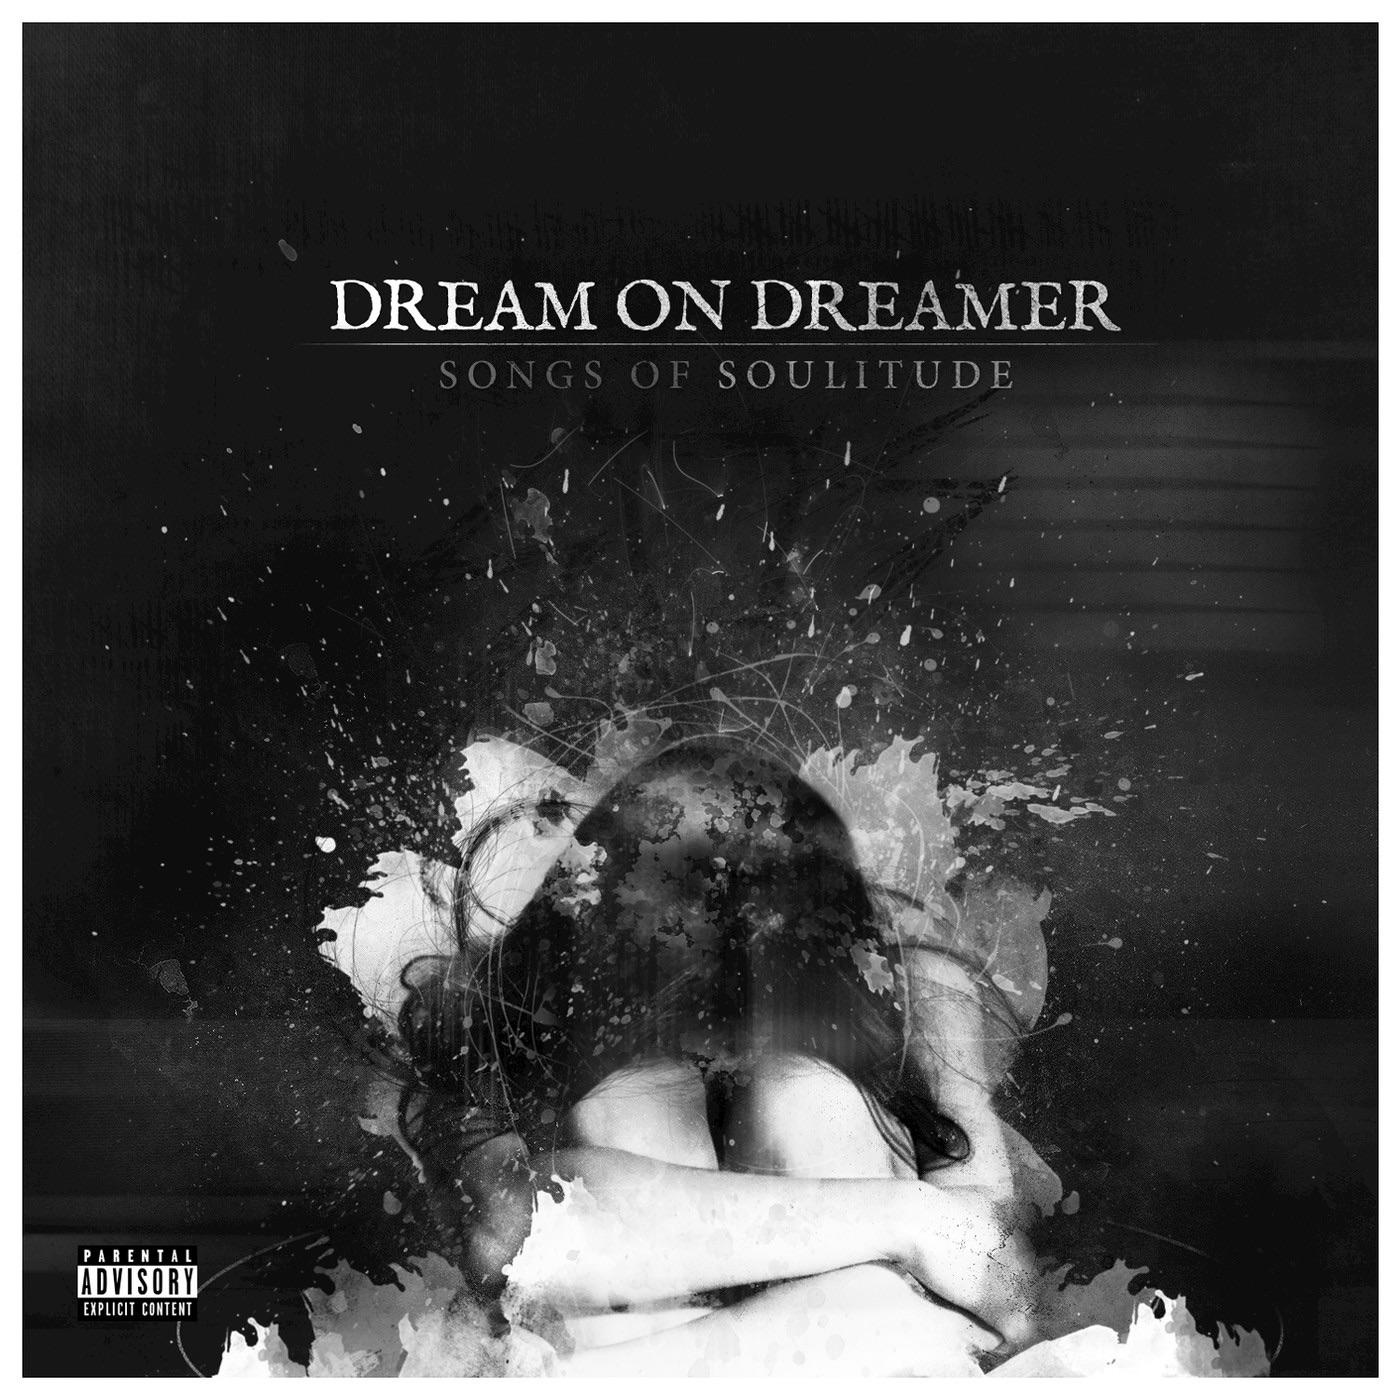 Dream On Dreamer - Songs of Soulitude (2015)